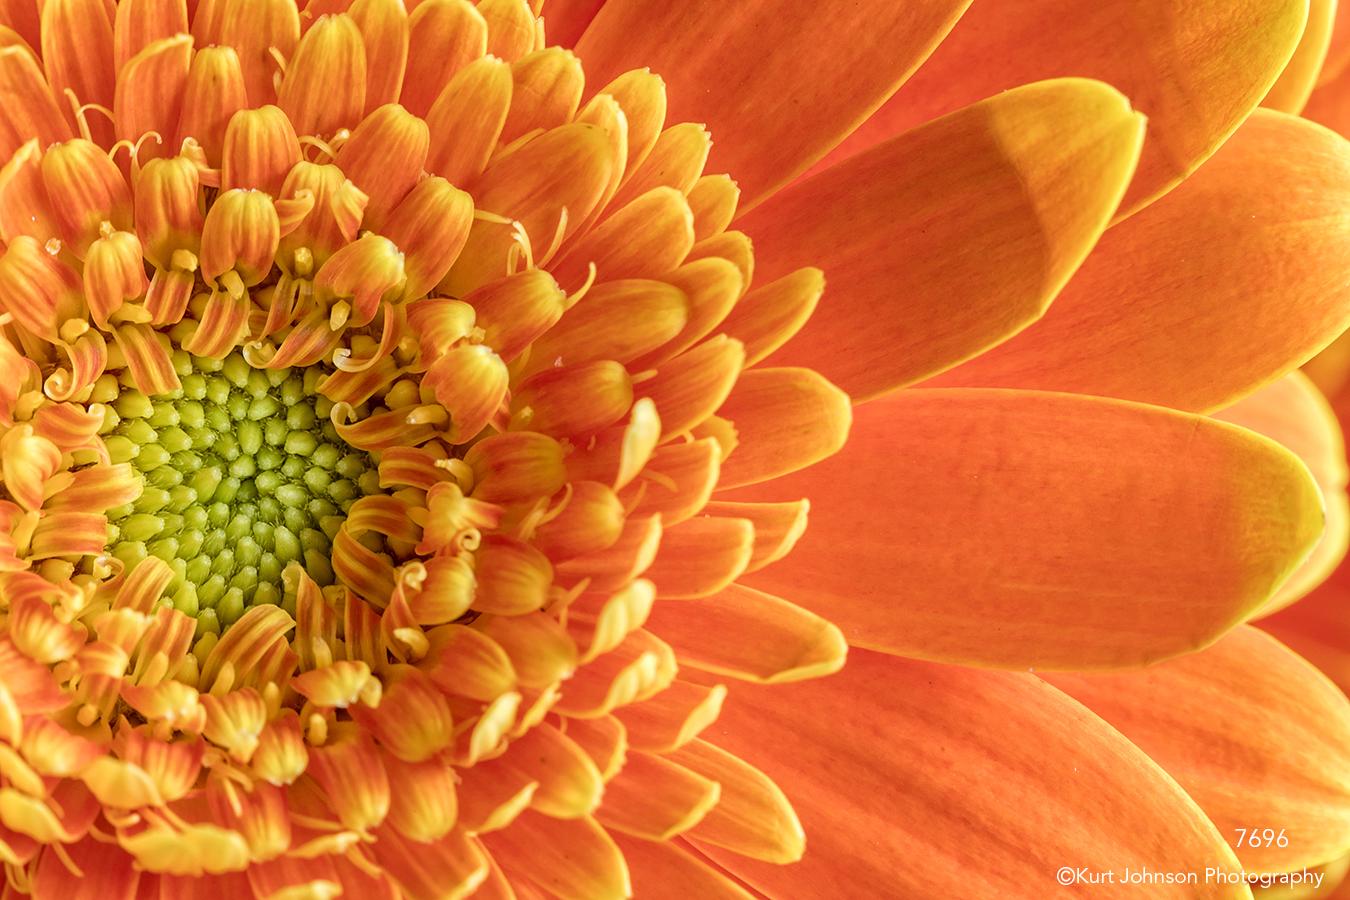 flower orange close up details petals daisy texture